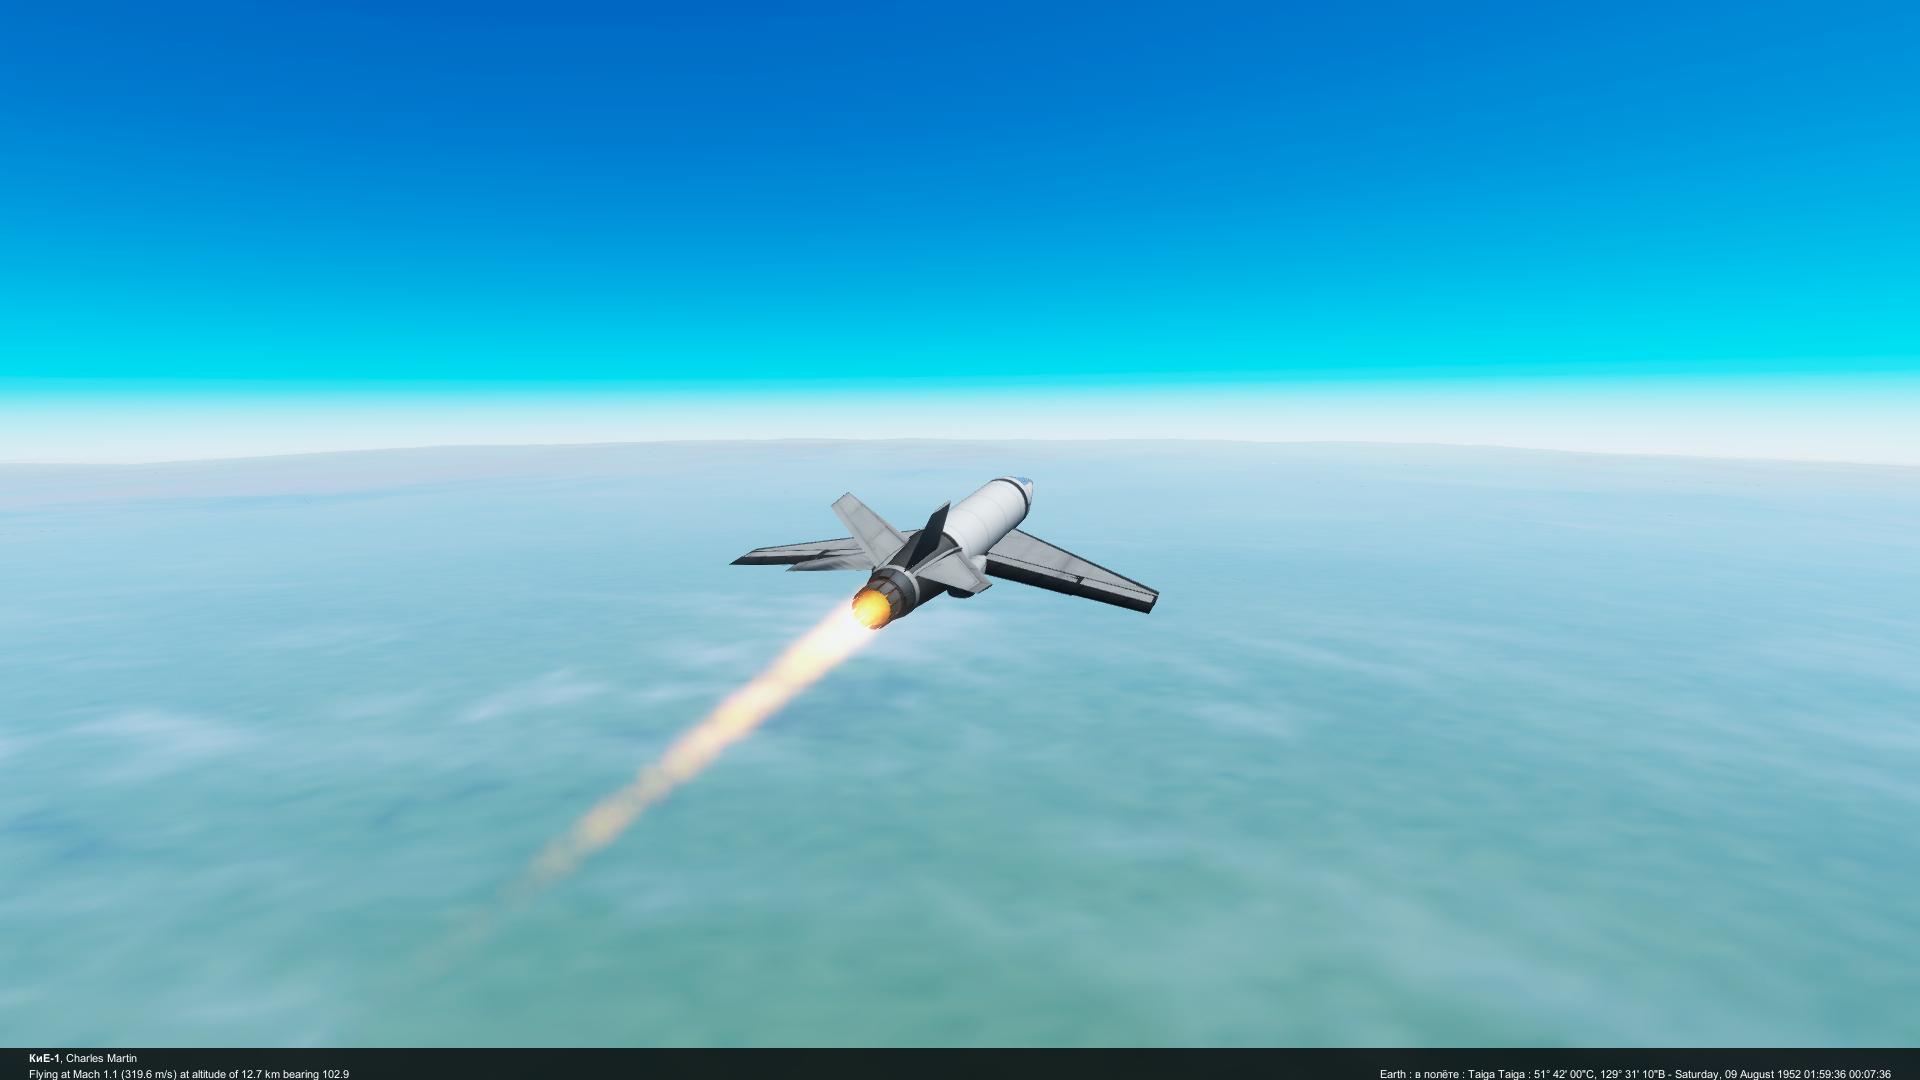 Обои боевой самолет, ночь, освещение, свет, крылатая машина. Авиация foto 5